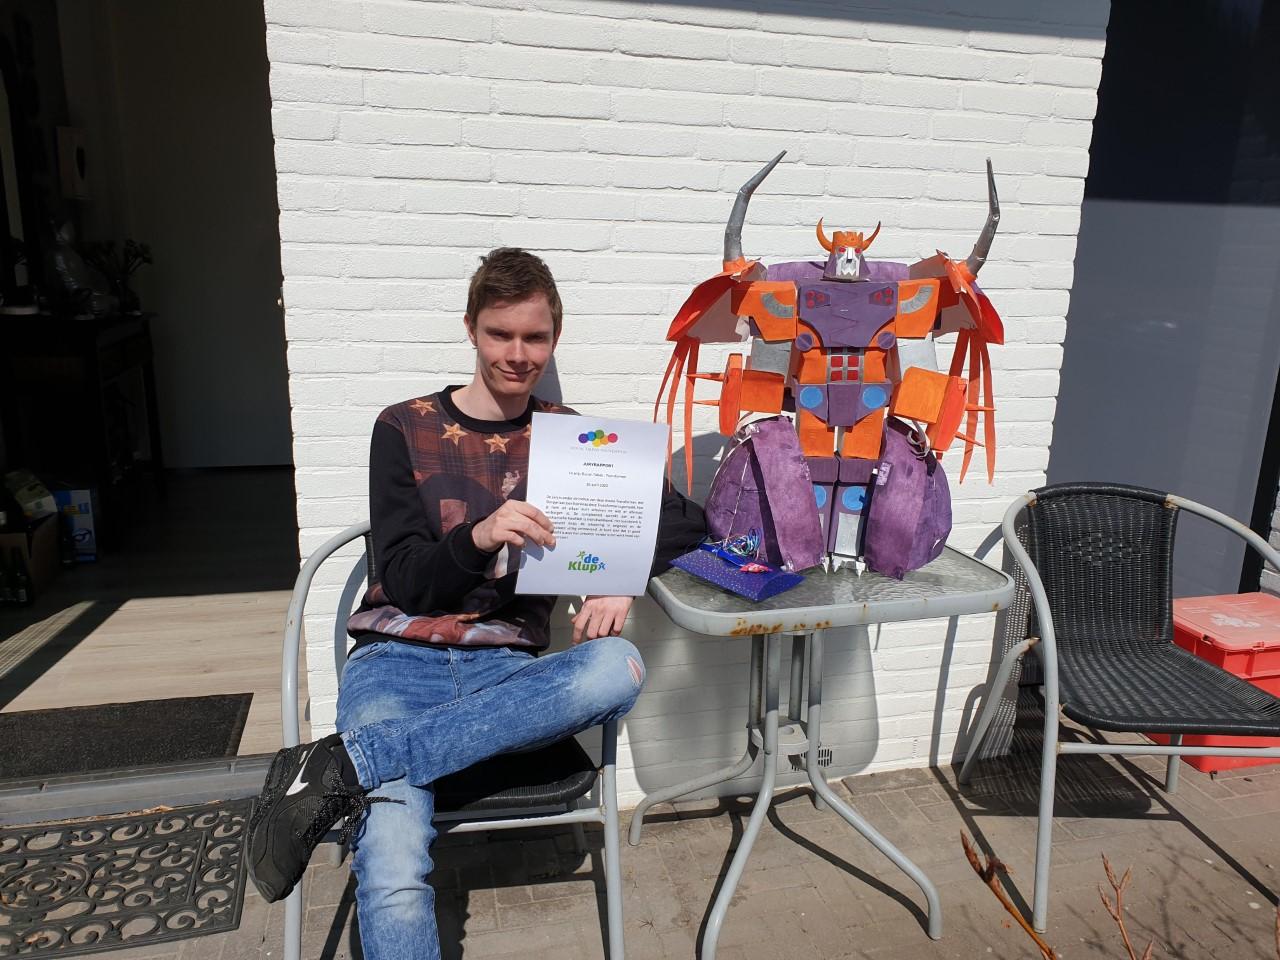 Eerste hoofdprijs Thuiskunst-wedstrijd voor Duncan Smit